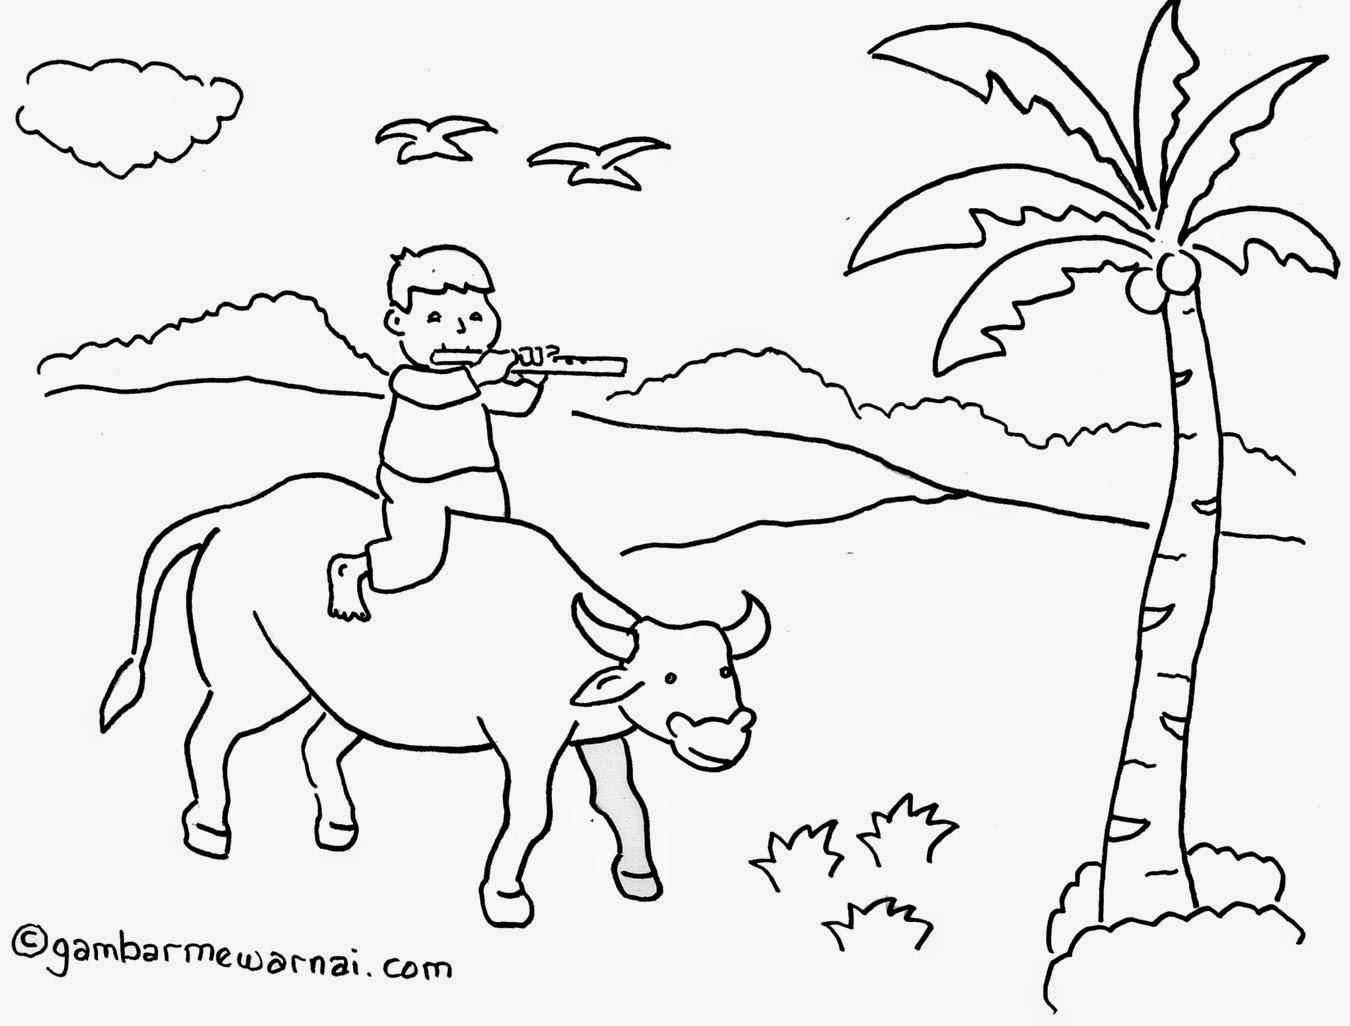 Daftar Gambar Mewarnai Untuk Anak Sd Kelas 3